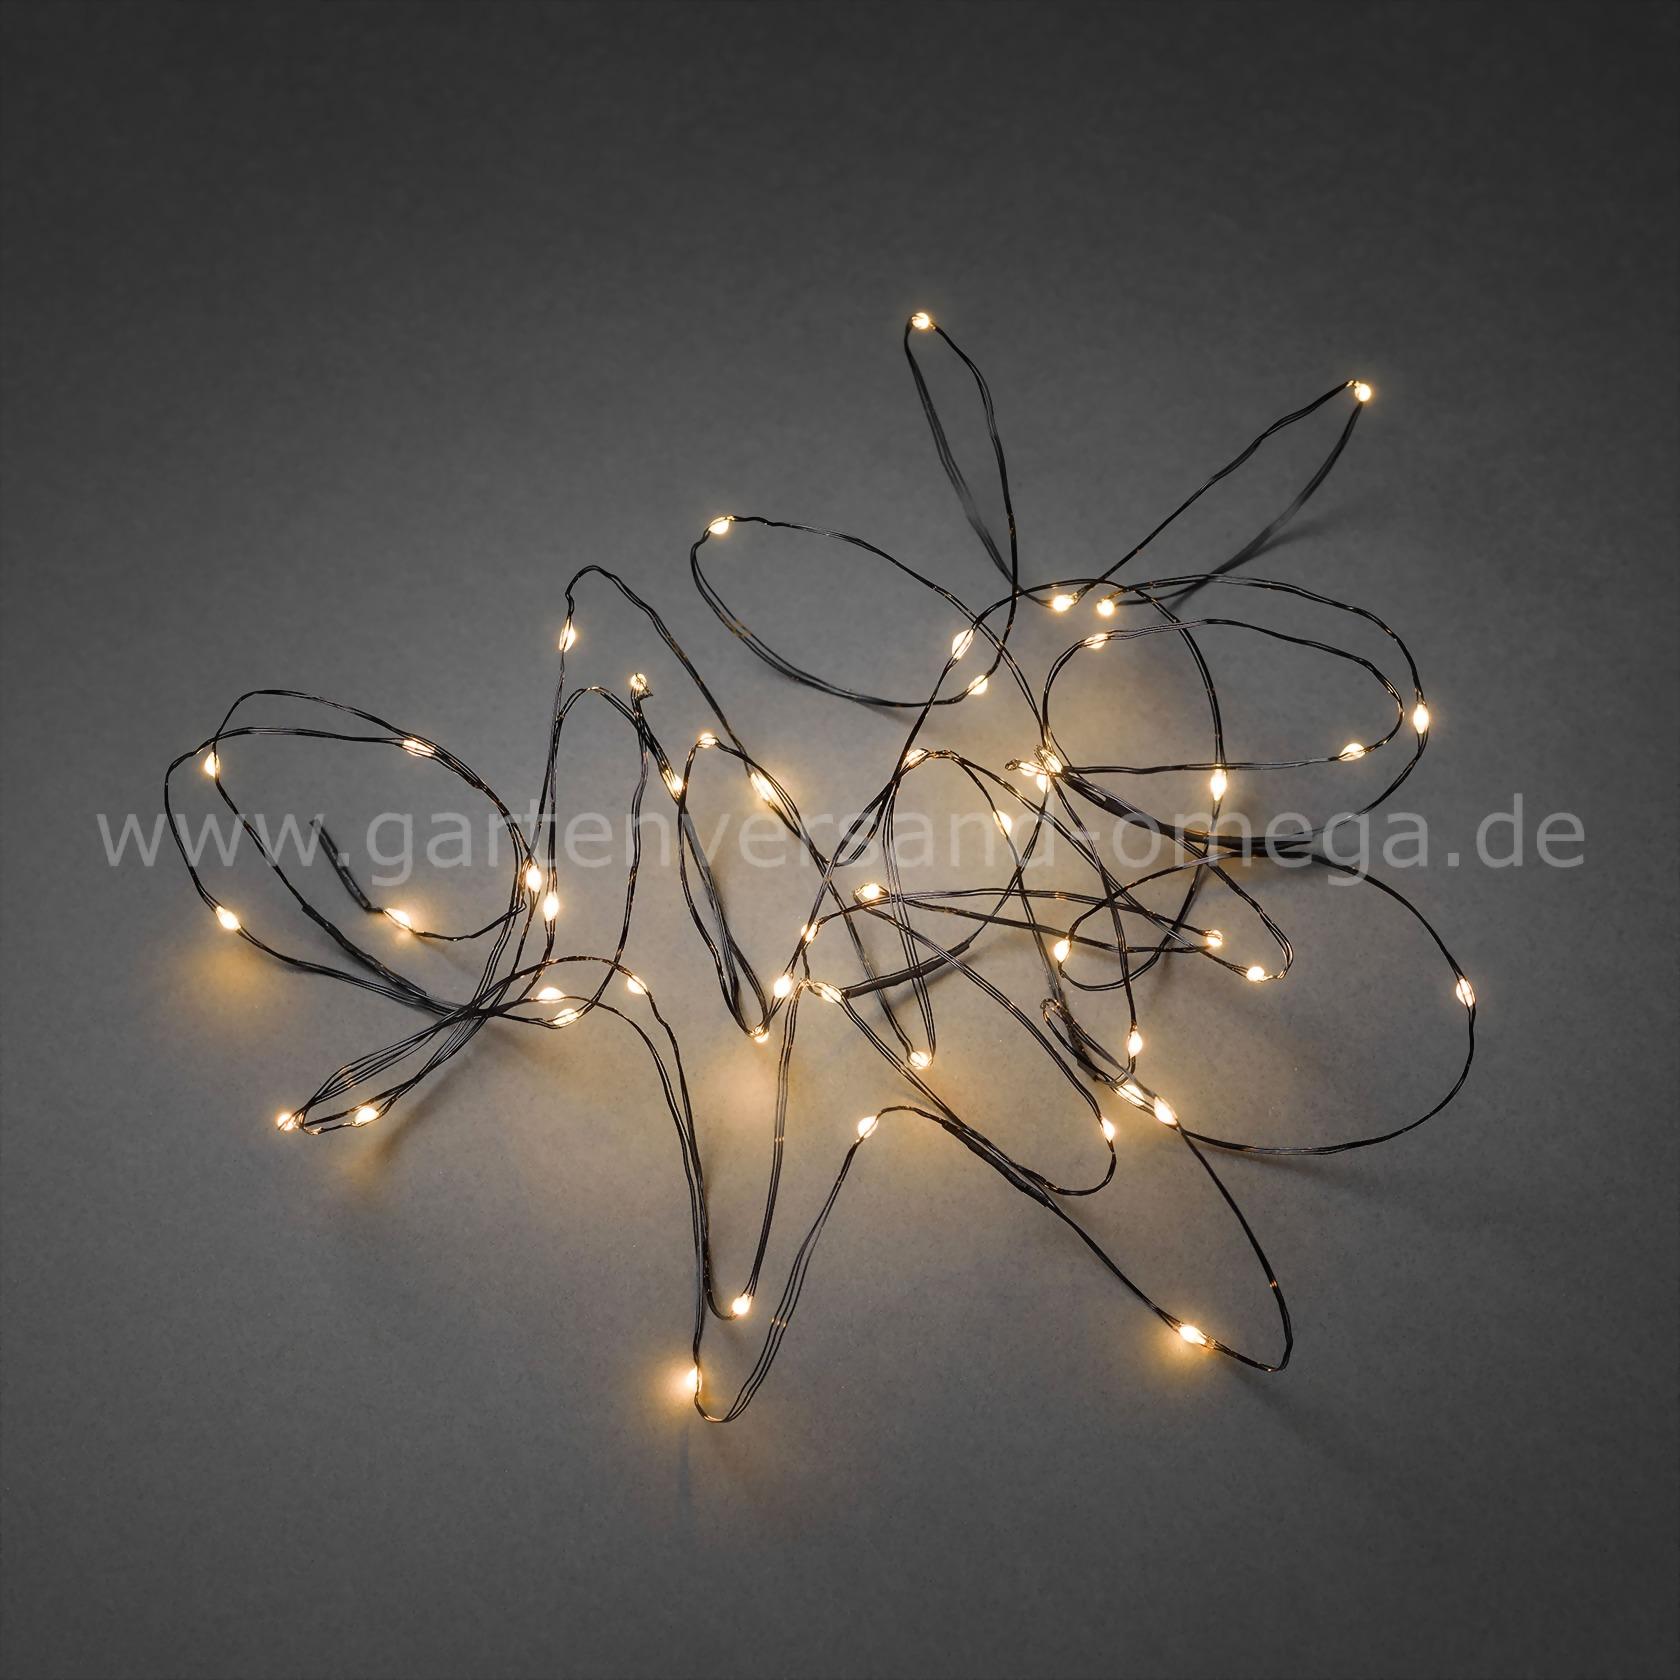 Led tropfenlichterkette bernsteinfarben mit schwarzem draht drahtkabellichterkette zur - Weihnachtsbeleuchtung batterie ...